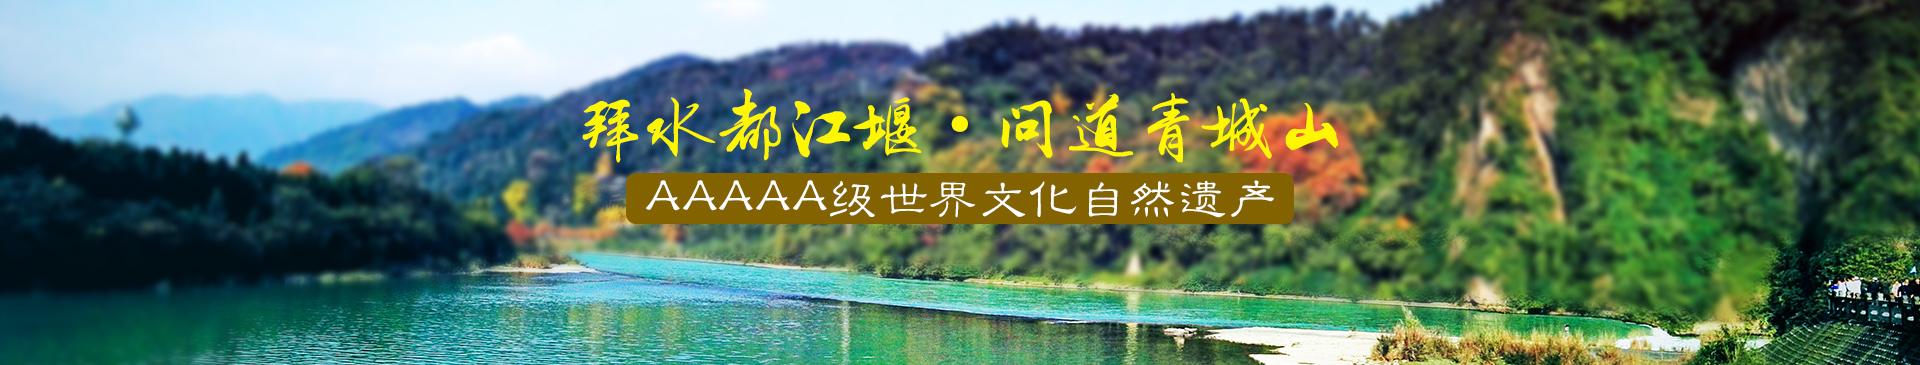 都江堰旅游